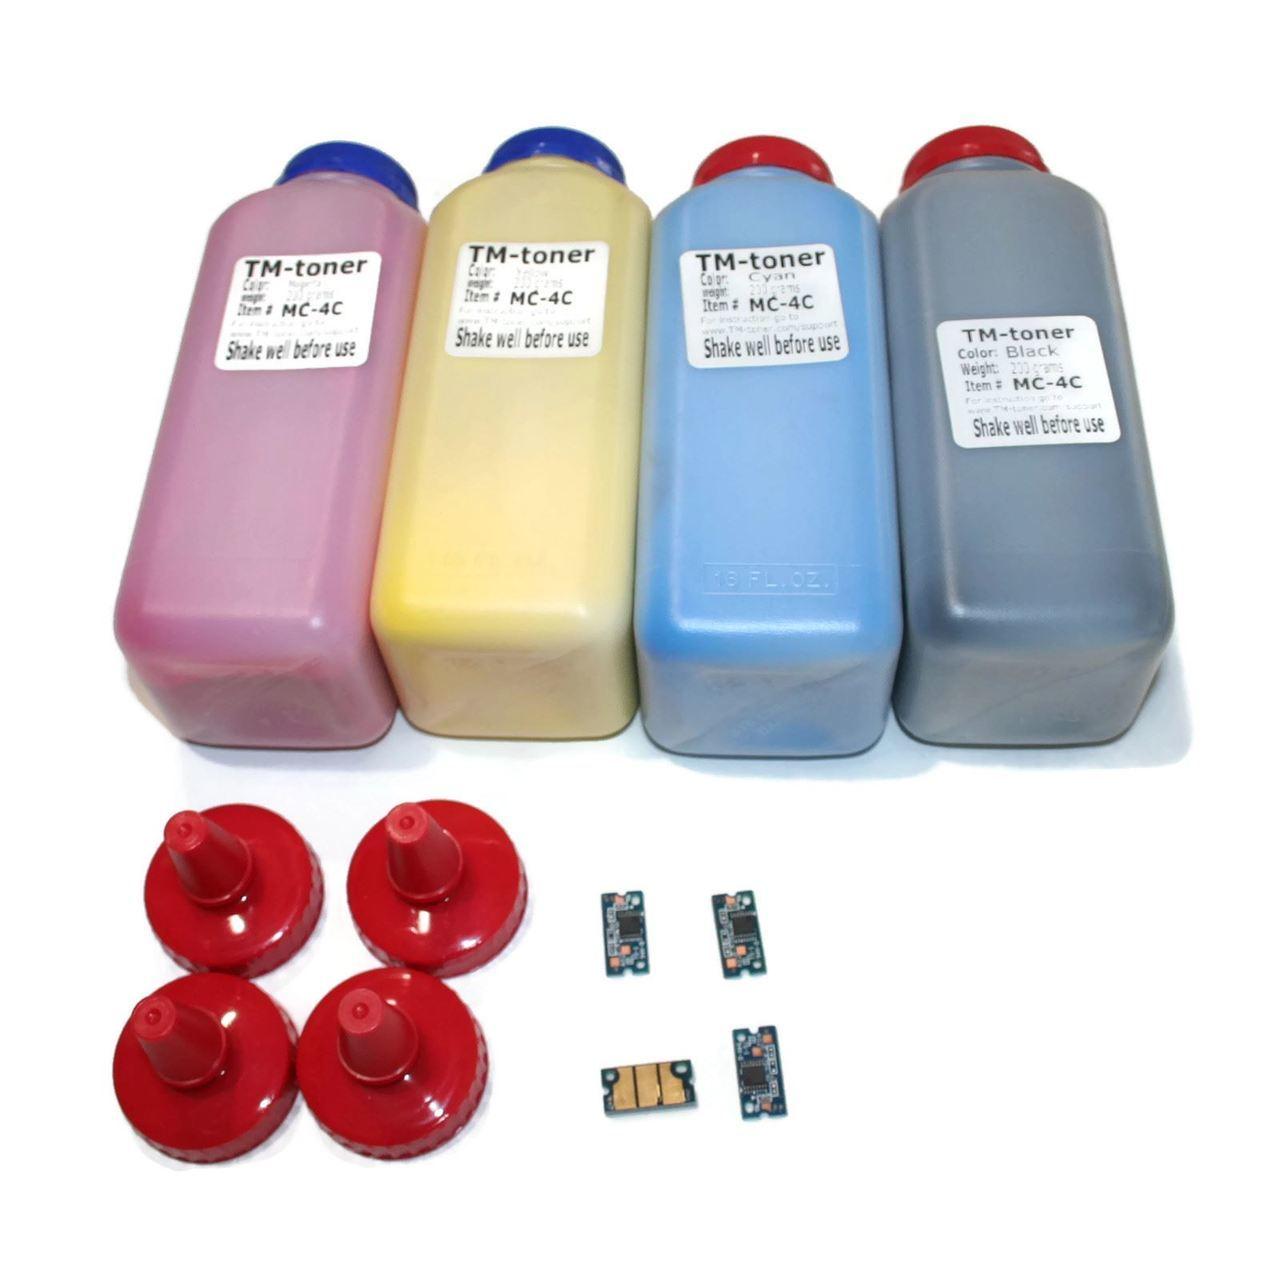 لوازم شارژ کارتریج لیزری رنگی